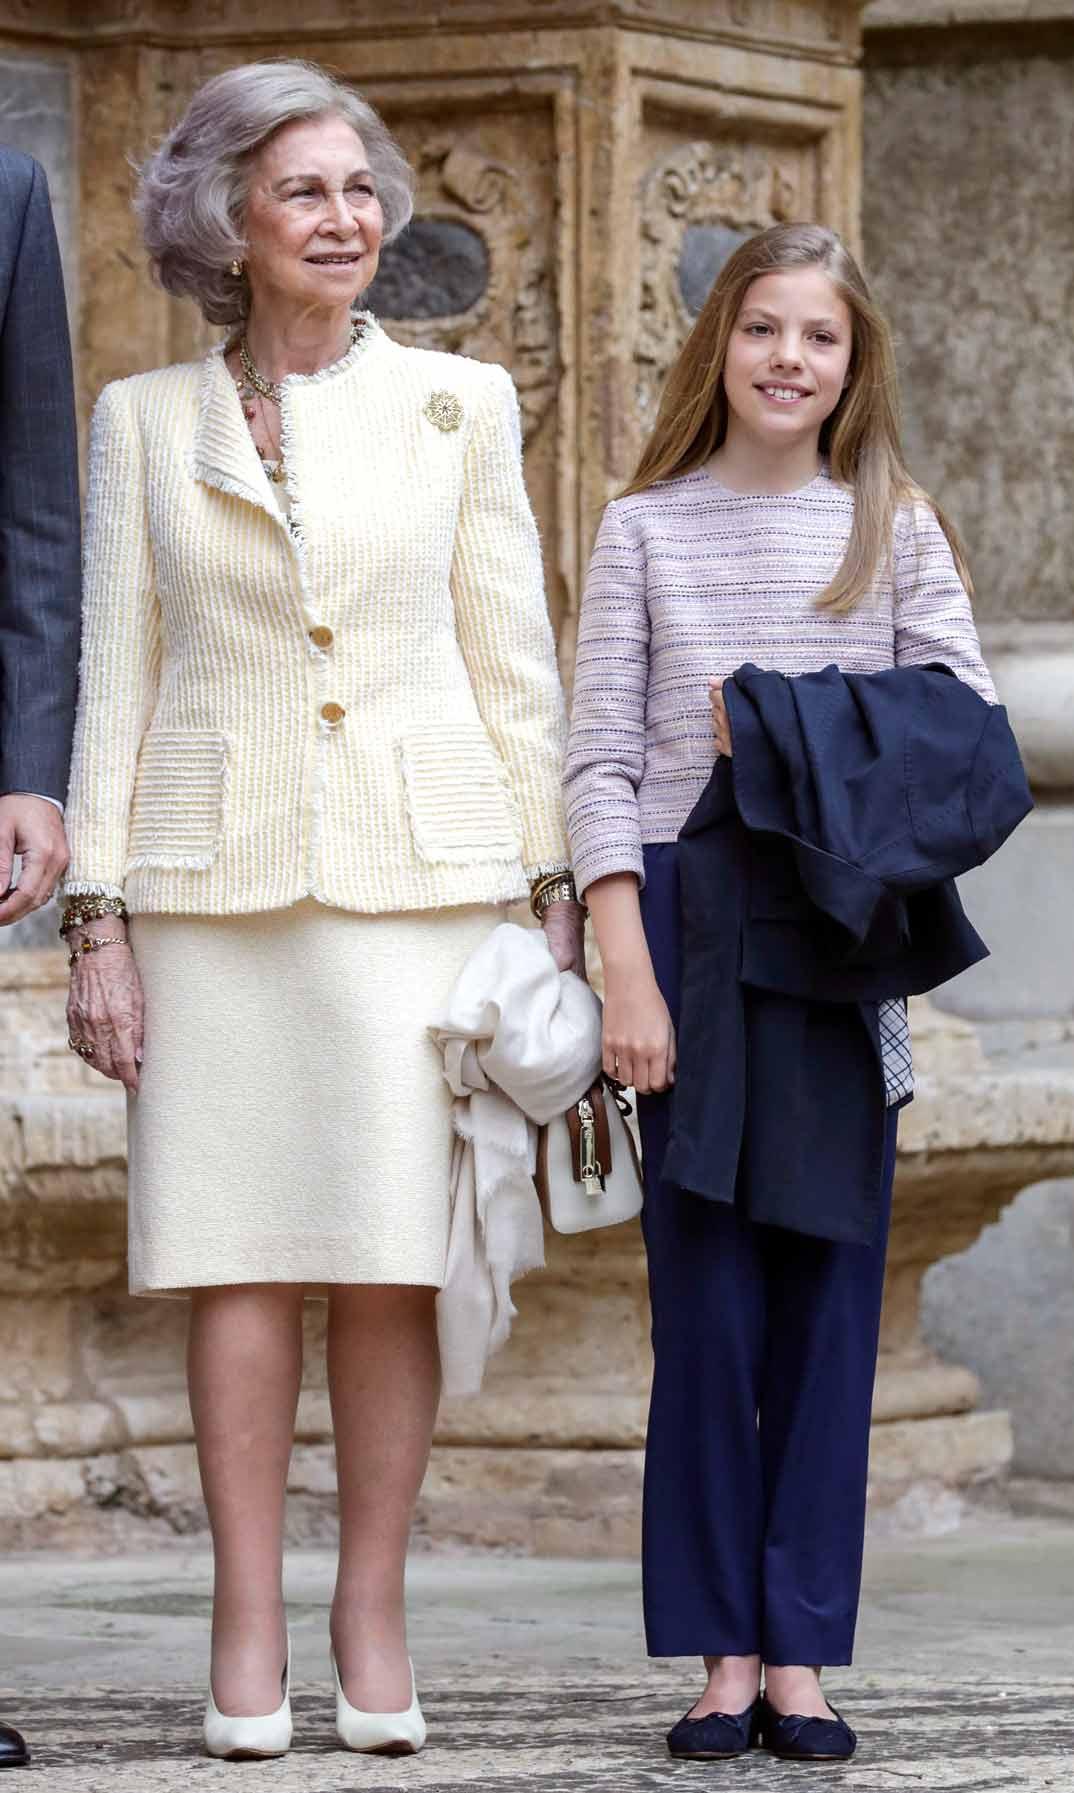 La reina Sofía con la infanta Sofía